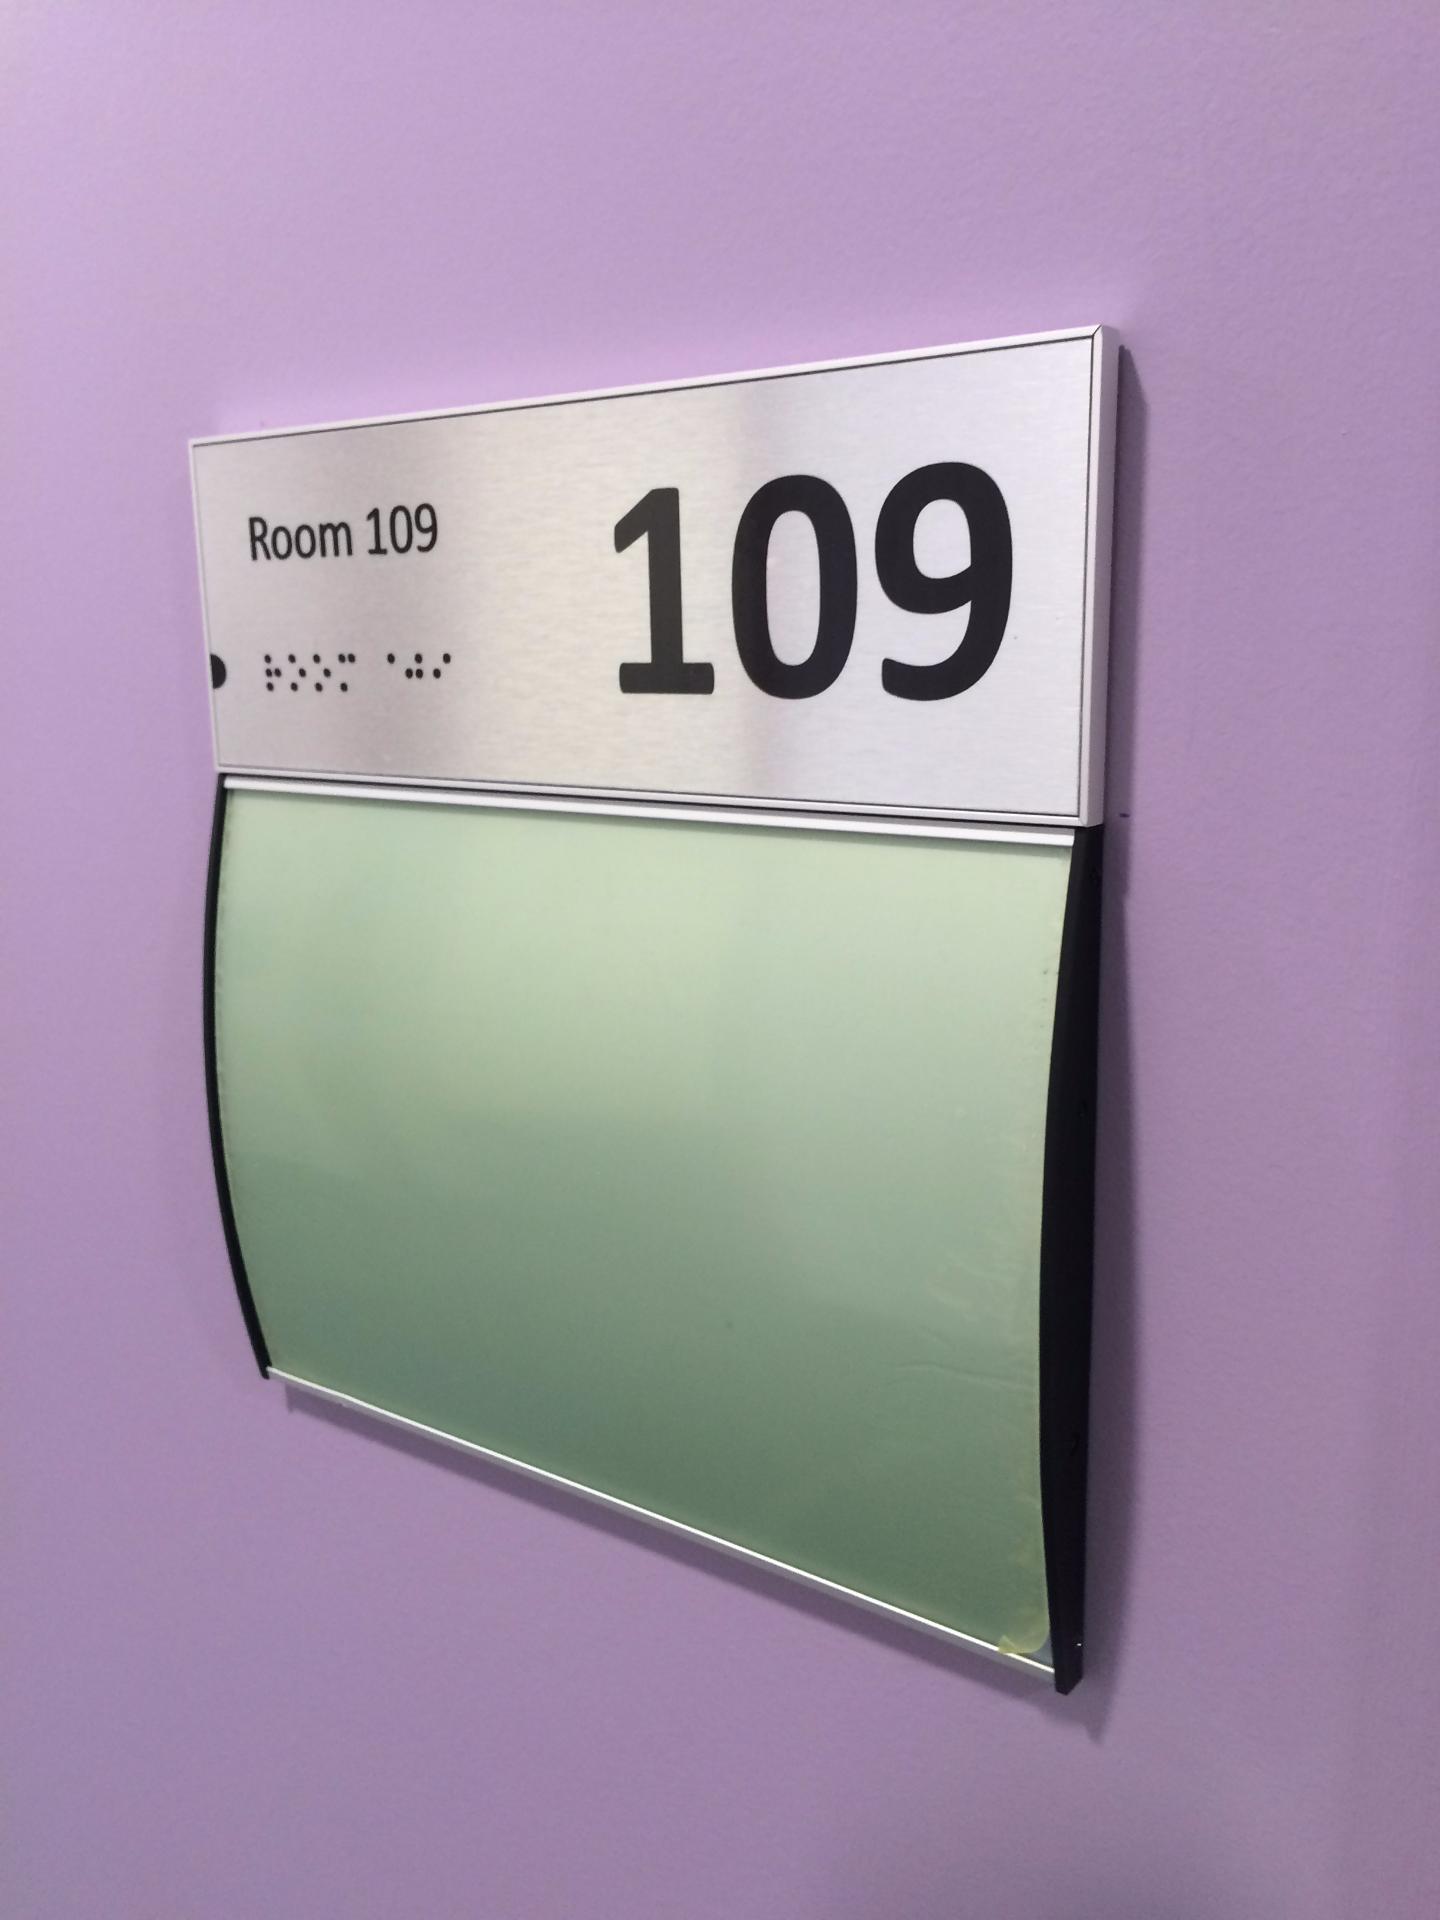 Room ID Plates